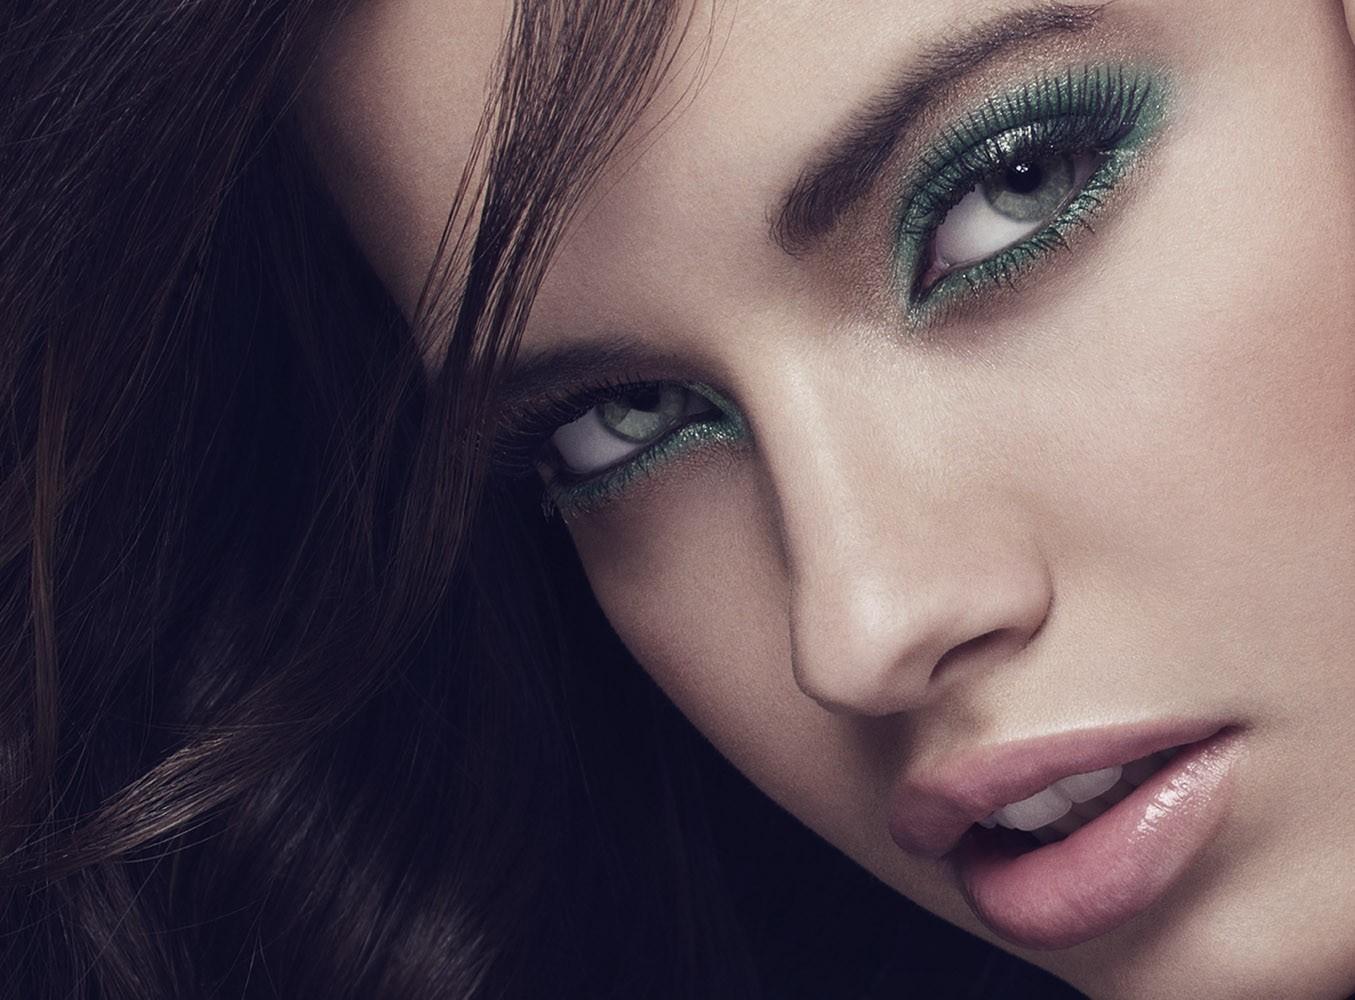 http://1.bp.blogspot.com/-FpWSl0hiQ6w/TiVPobiNl-I/AAAAAAAAHDg/_ozccWcNlhc/s1600/Adriana-Lima-13.jpg